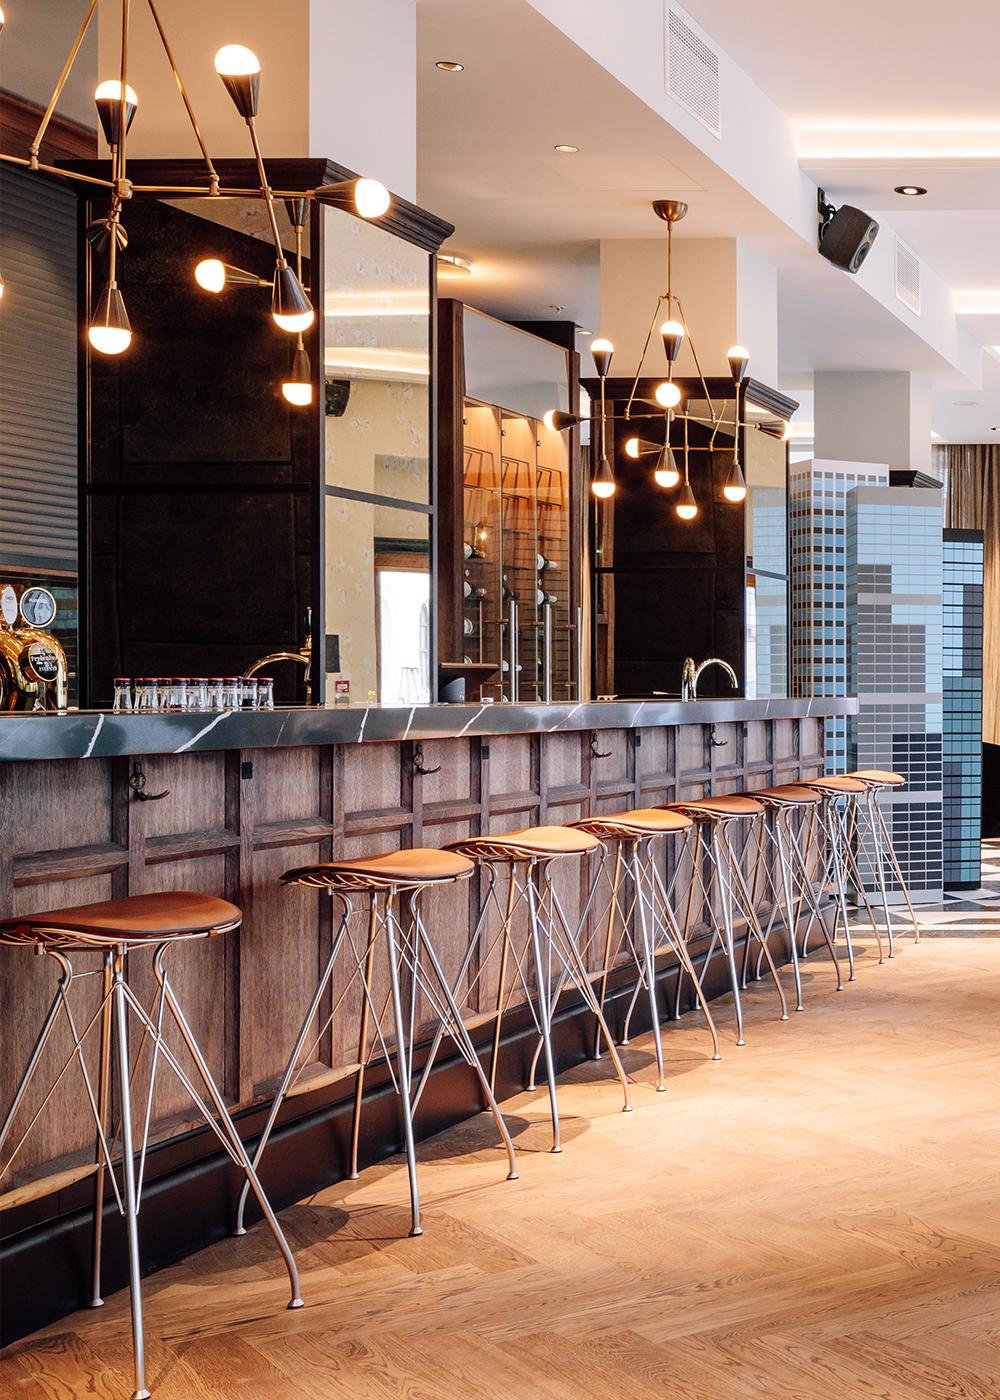 hotel-amerikalinjen-wire-bar-stool-overgaard-dyrman